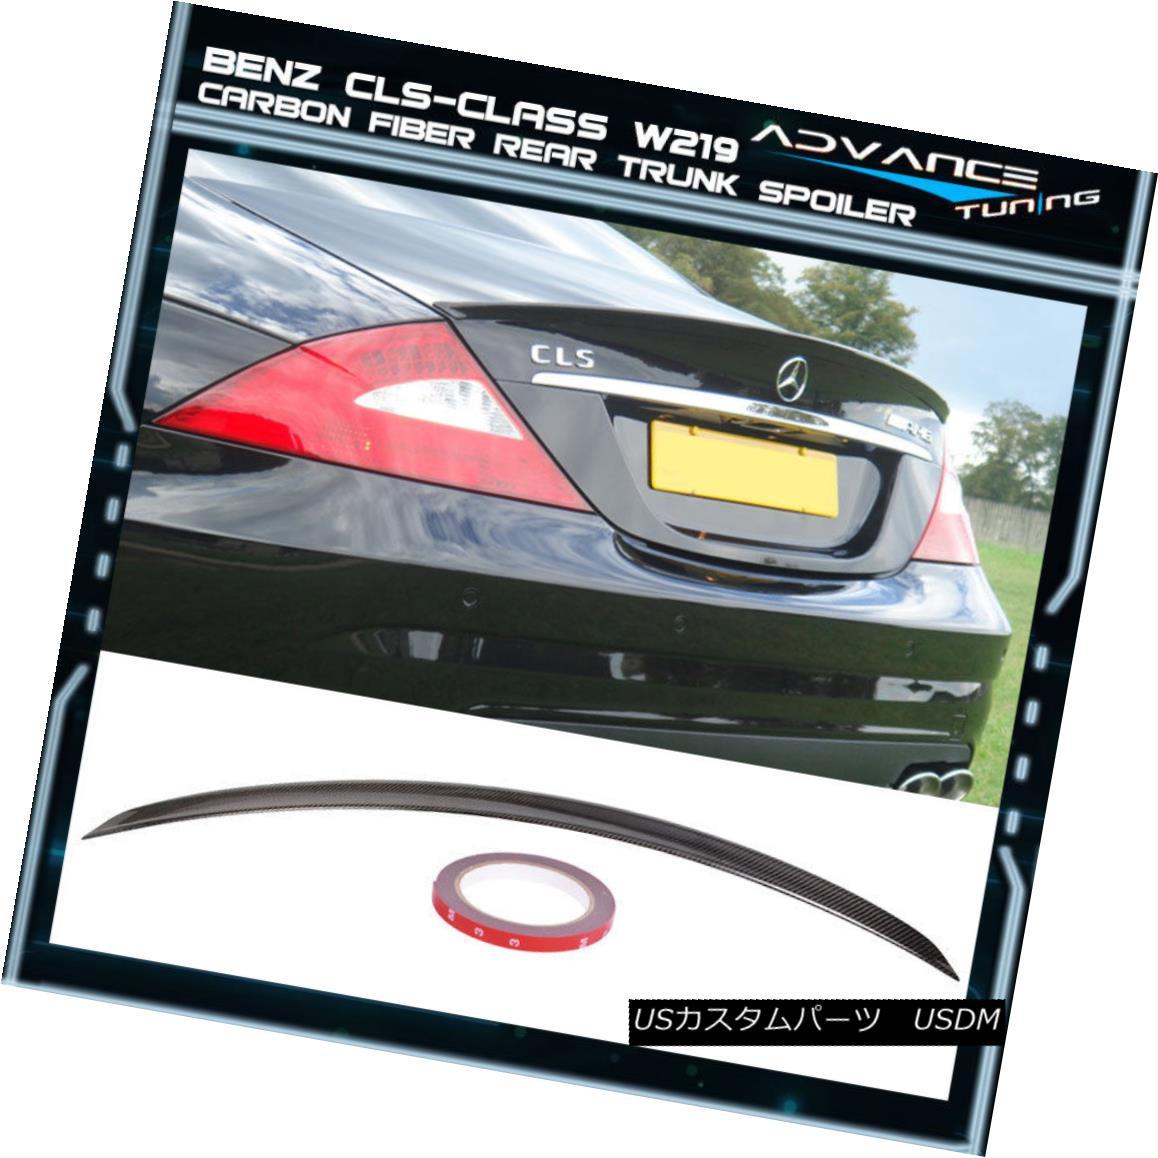 エアロパーツ 05-10 Benz ClS-Class W219 4Dr Trunk Spoiler Wing - Carbon Fiber CF 05-10ベンツClSクラスW219 4Drトランク・スポイラー・ウィング - 炭素繊維CF